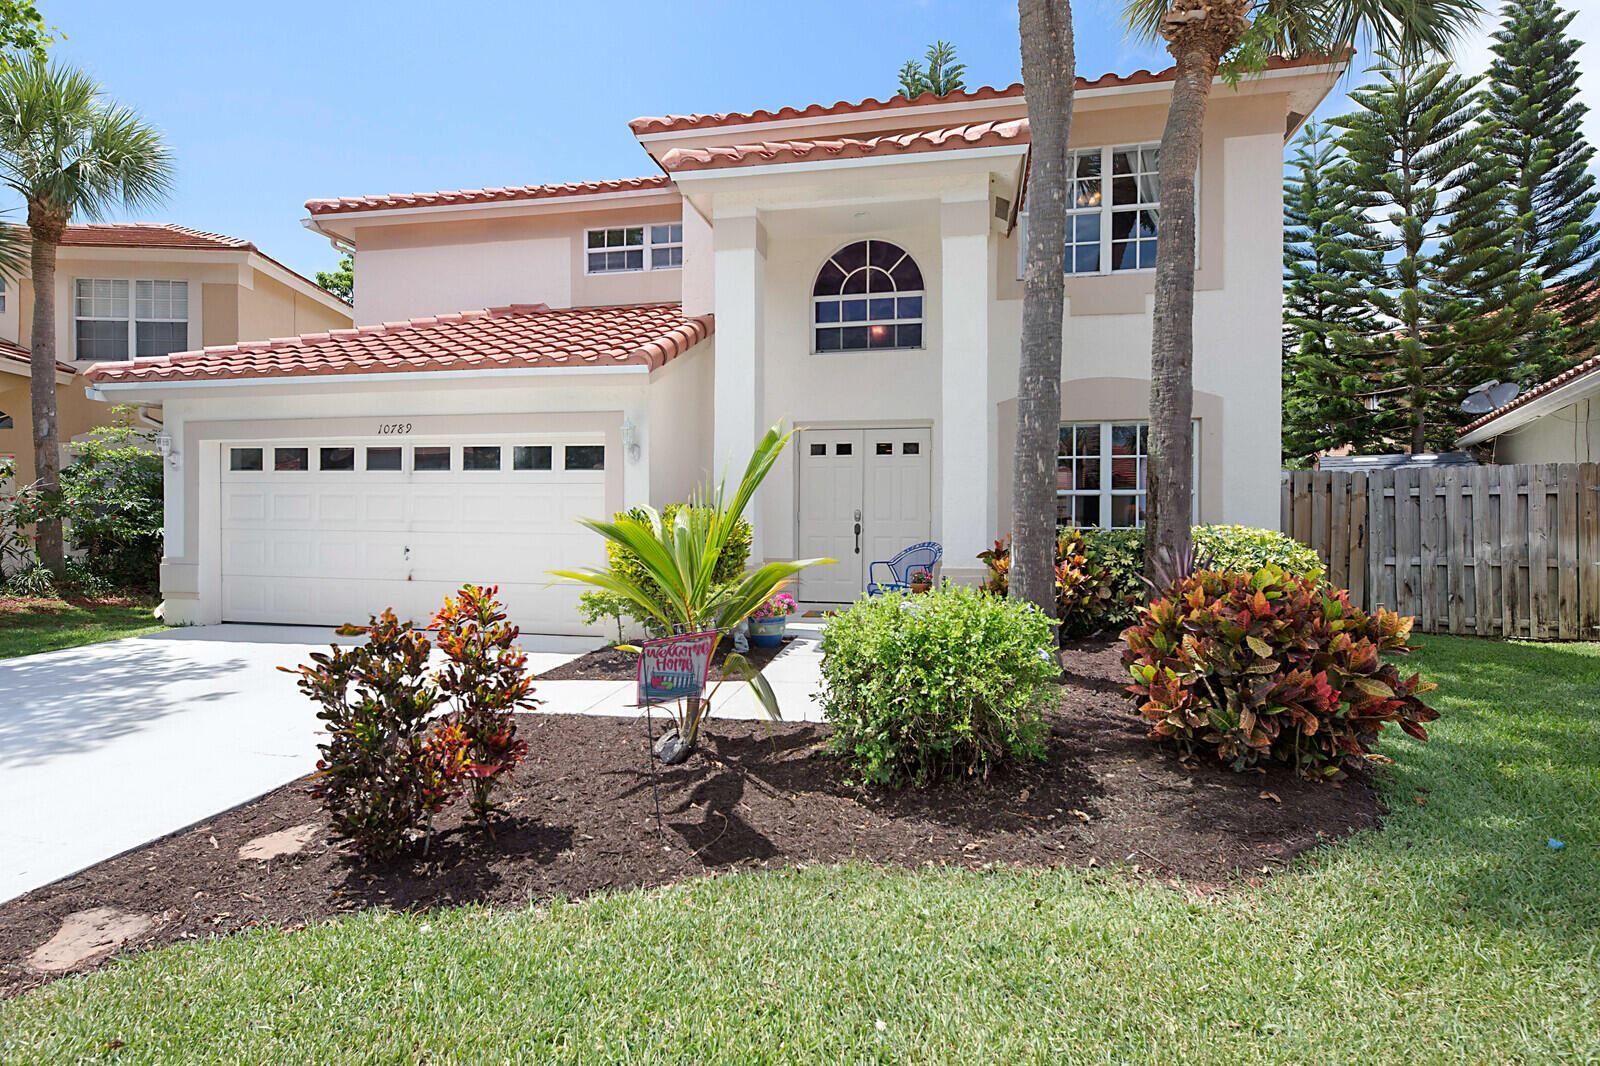 10789 Cypress Lake Terrace, Boca Raton, FL 33498 - #: RX-10723824